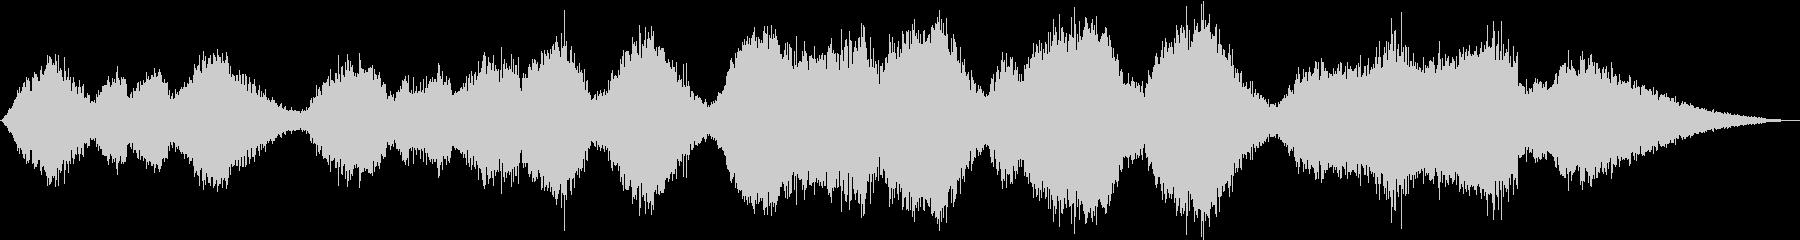 シンセサイザーのみのサウンドエフェクトの未再生の波形